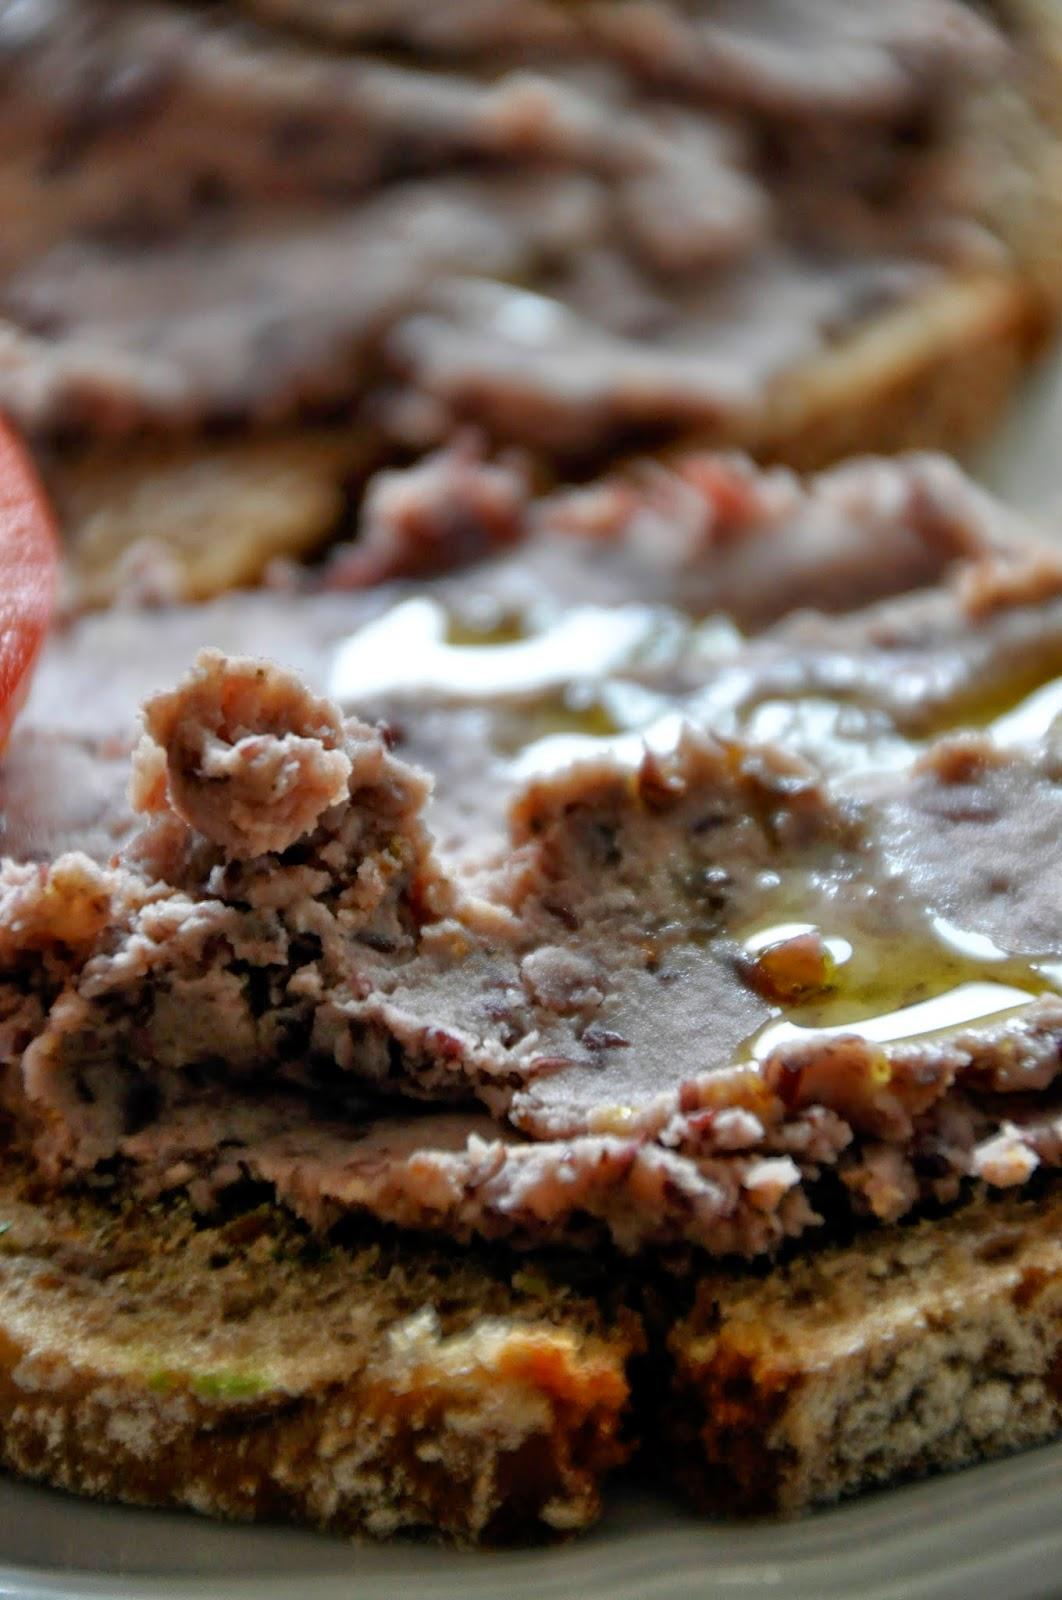 Szybko Tanio Smacznie - Pasta z czerwonej fasoli